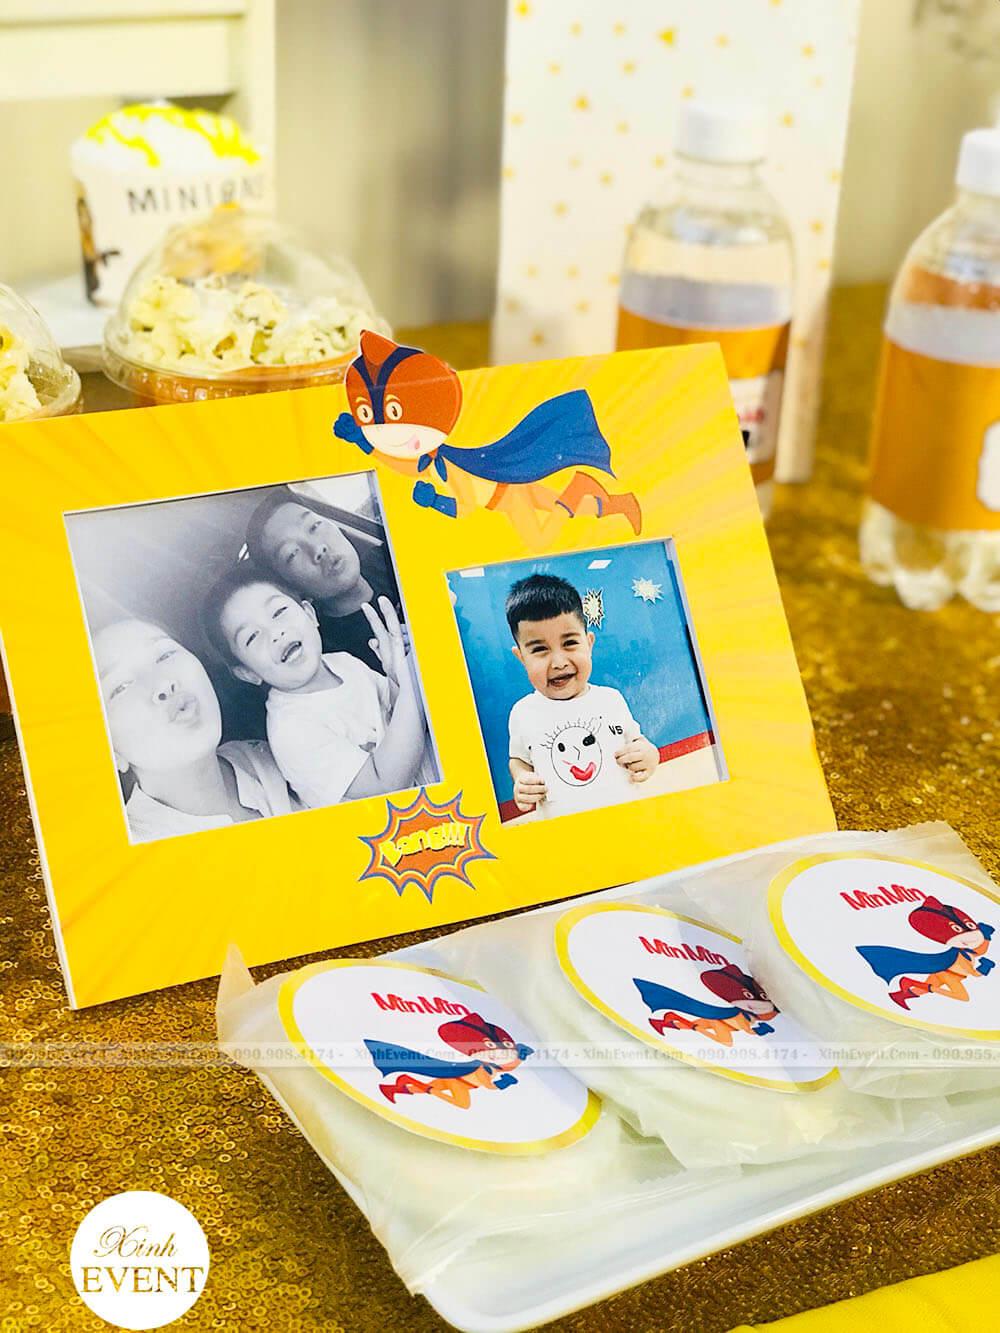 Thiệp sinh nhật trang trí trên bàn quà